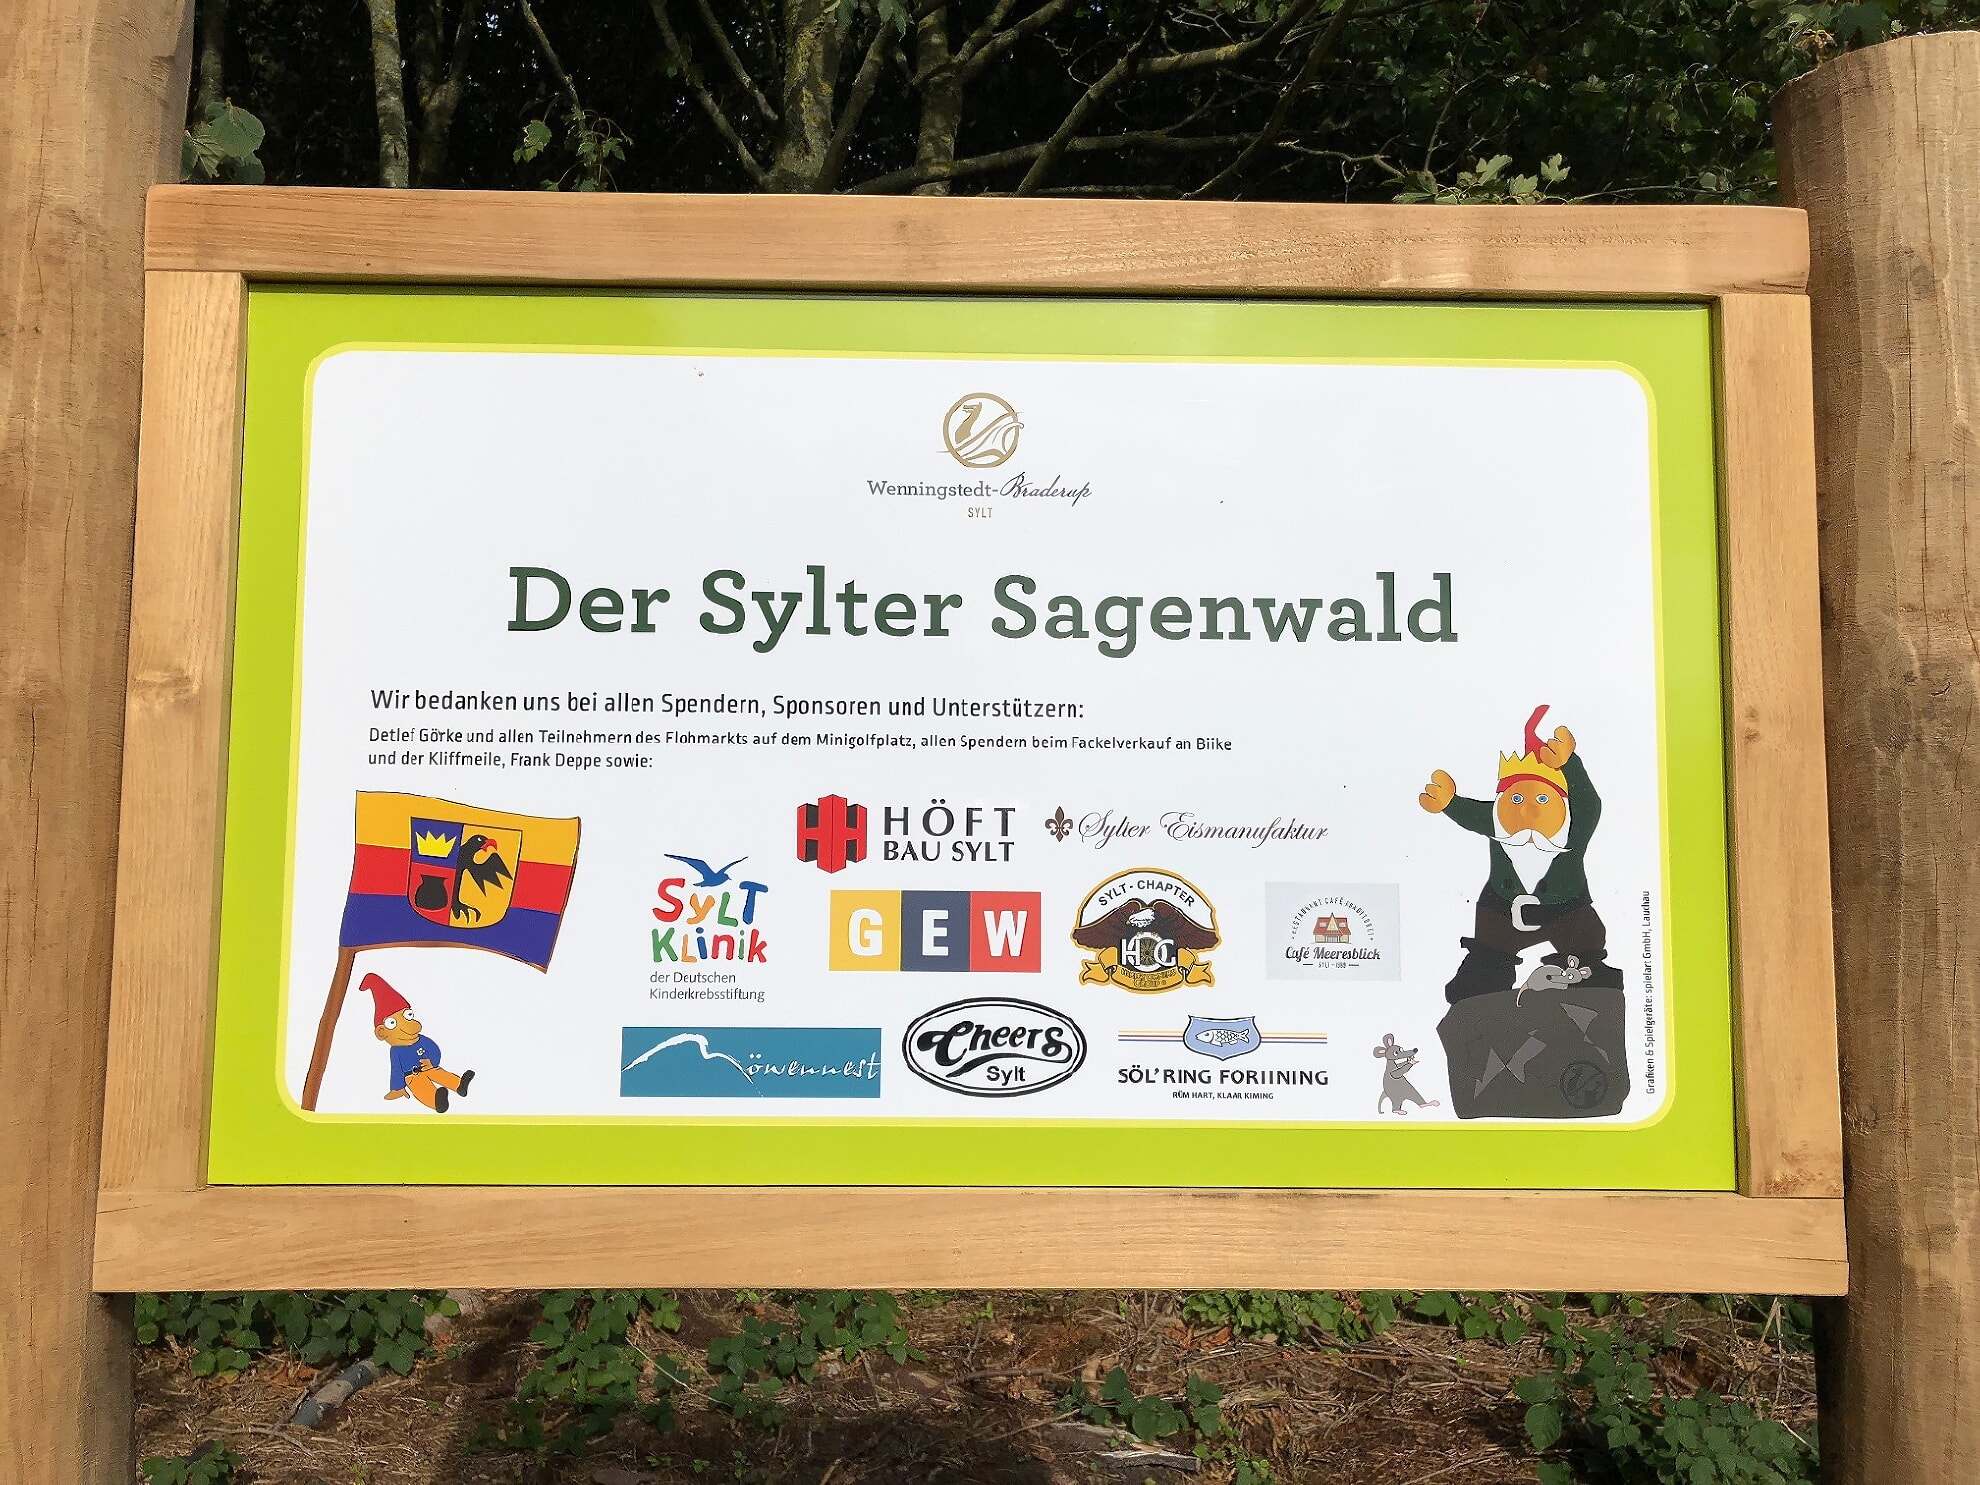 Sylter Sagenwald in Wenningstedt